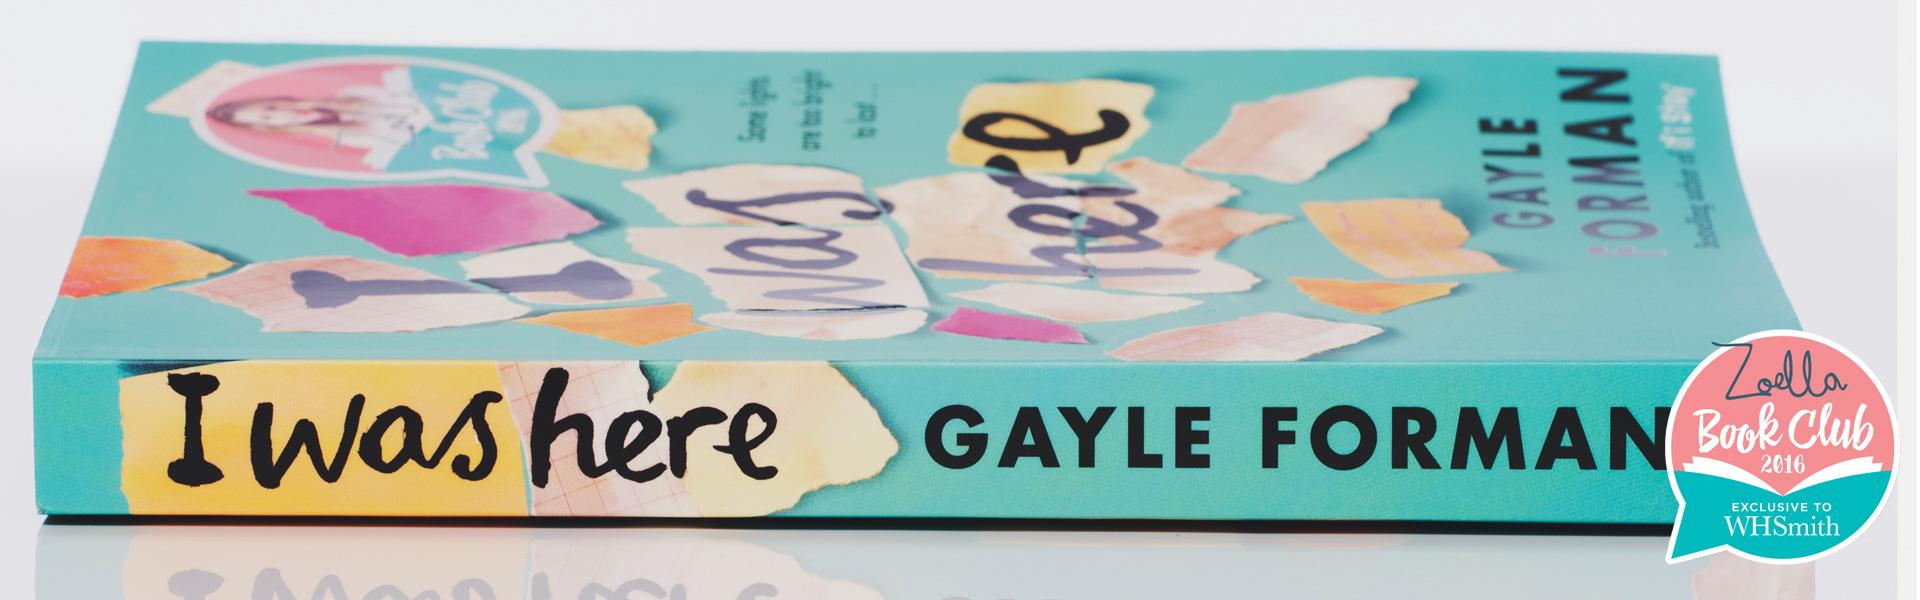 Gayle Forman: Getting to Know Suzy Gonzalez